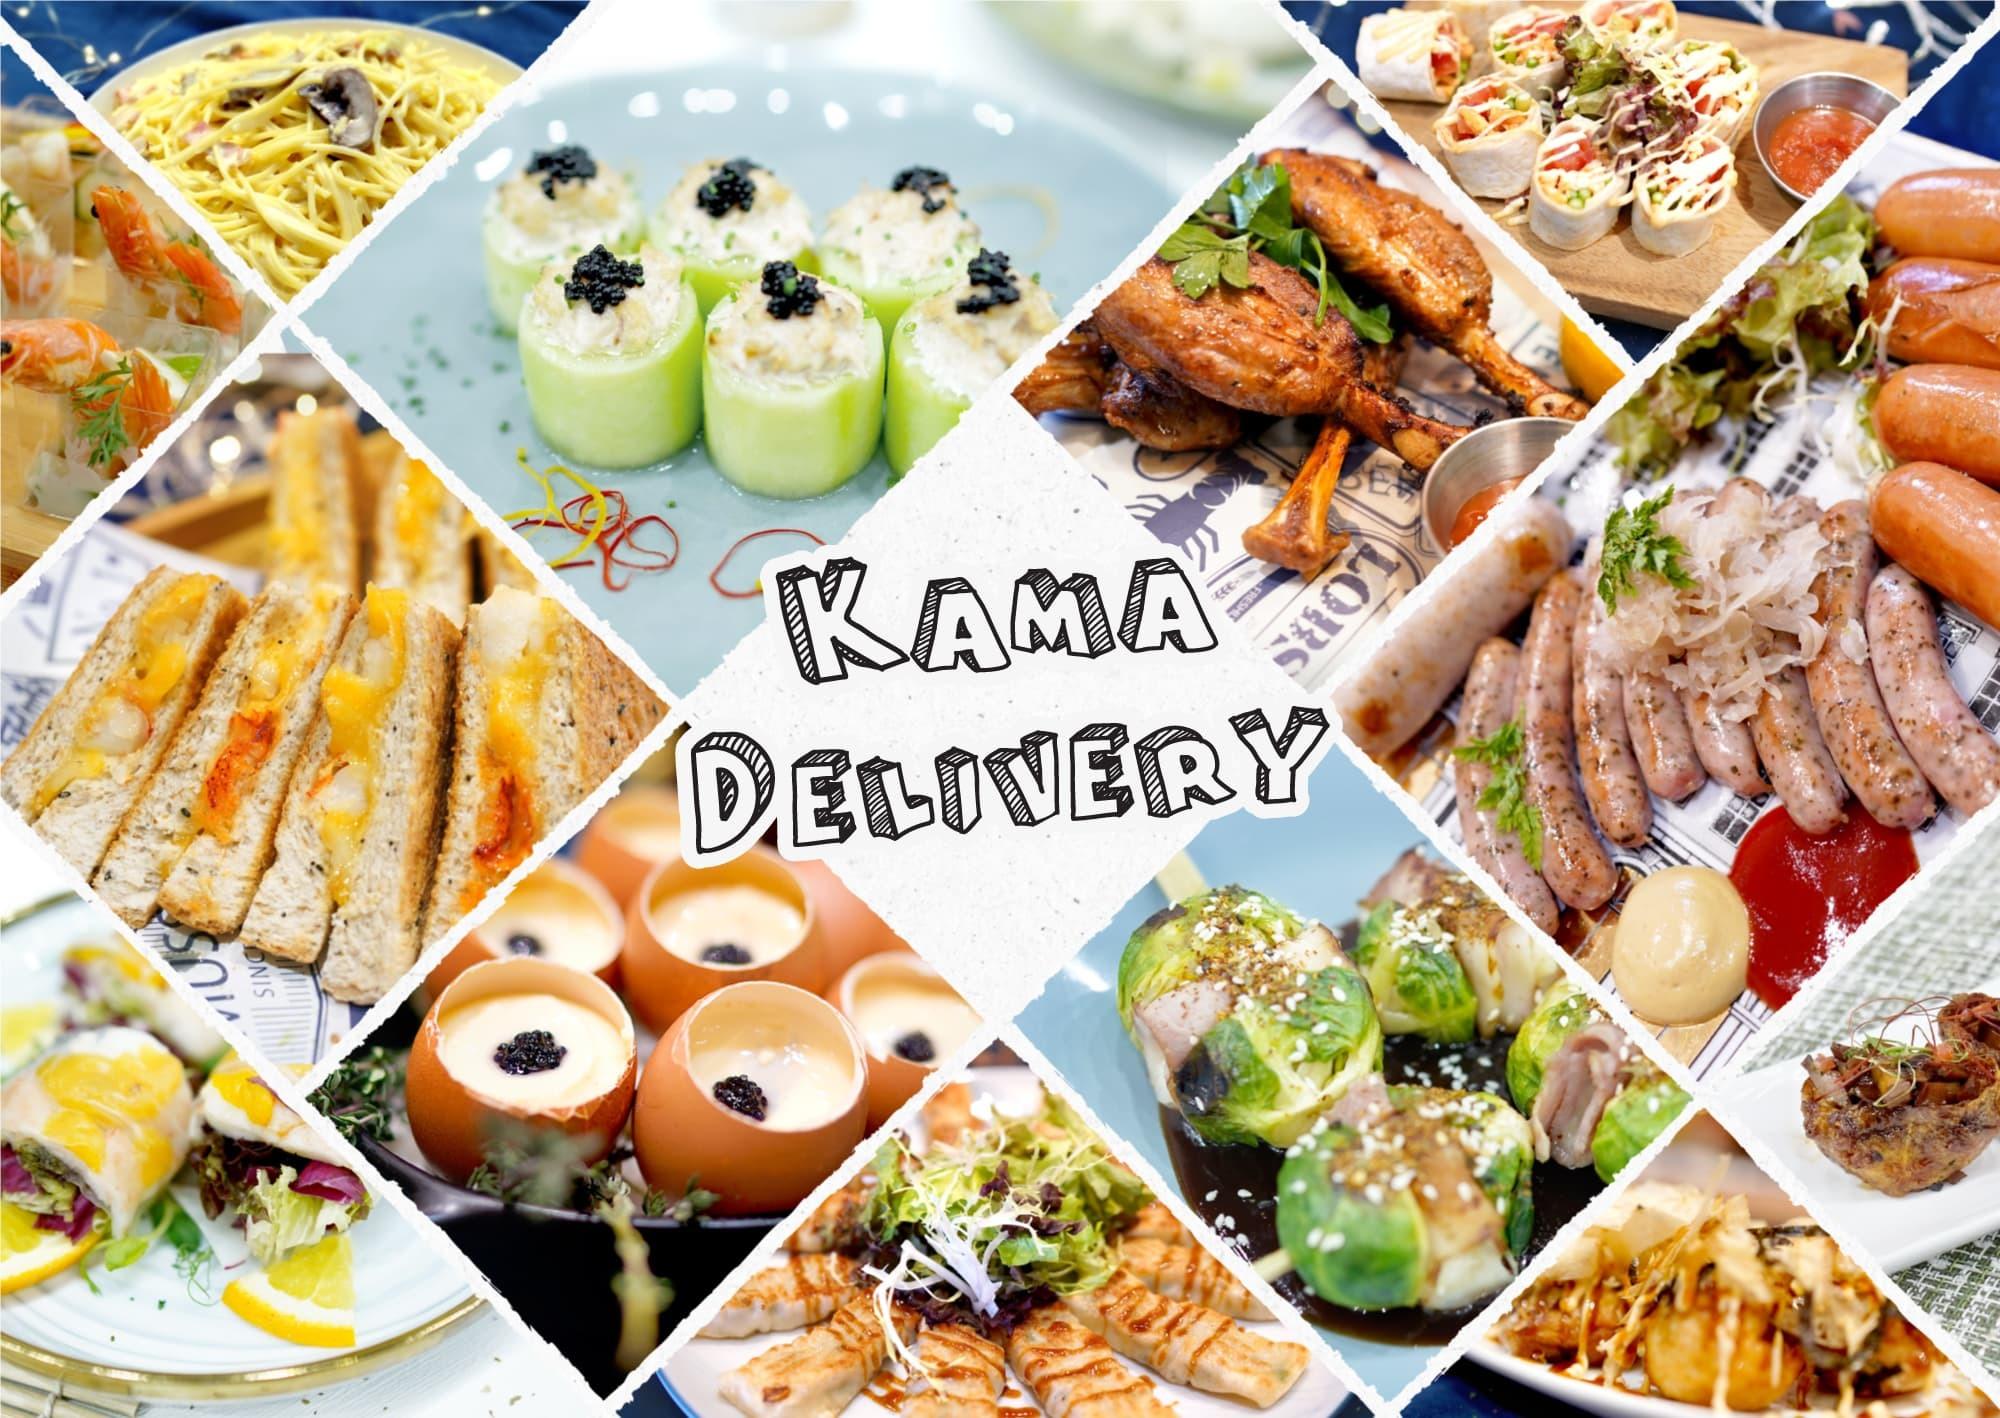 46人到會外賣.推介首選|Kama Delivery一直致力提供多元化的到會外賣服務,為客人打造最合適的餐飲,迎合不同場合的美食外賣需求。除了外賣套餐之外,我們同樣設有過百款的單點美食,包括沙律、小食、主菜、甜品、飲品等等,大量美食任君選擇。